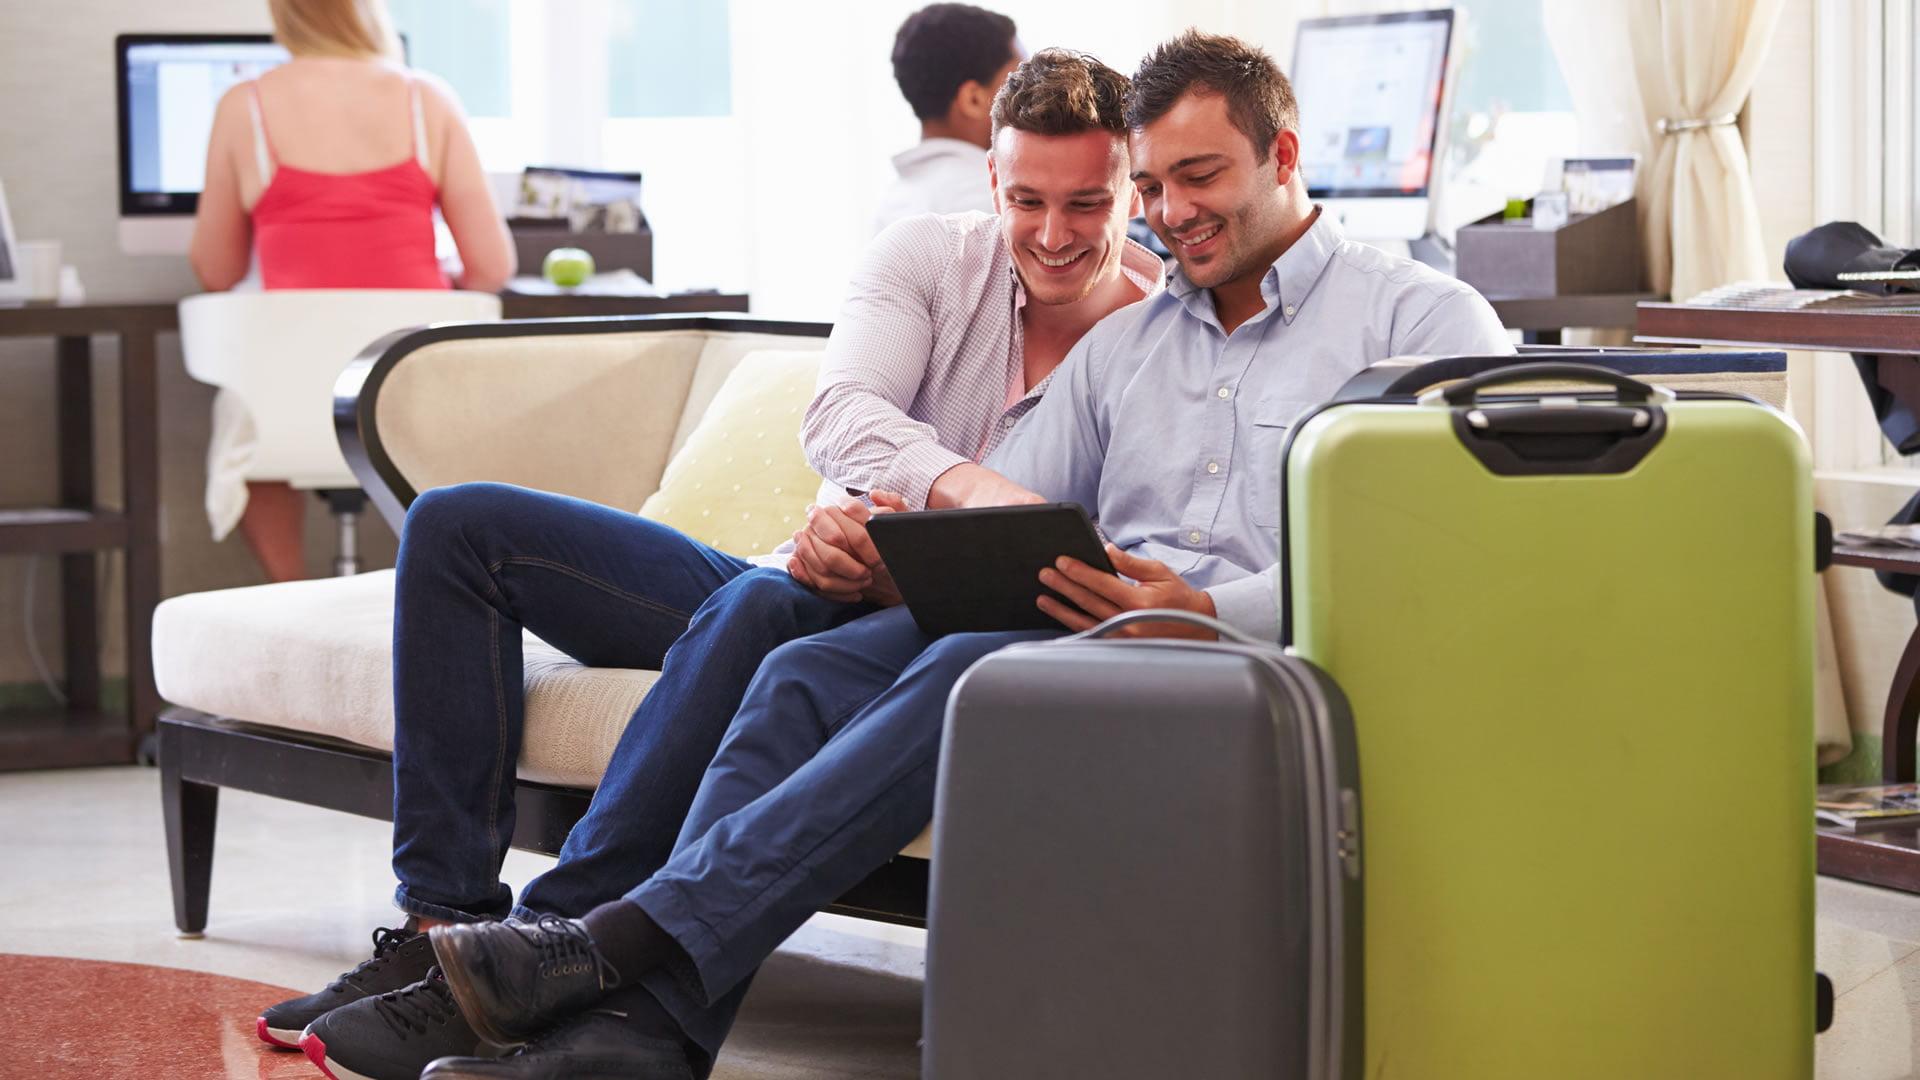 Hoteles gay & lesbian en todos los destinos - PriceTravel